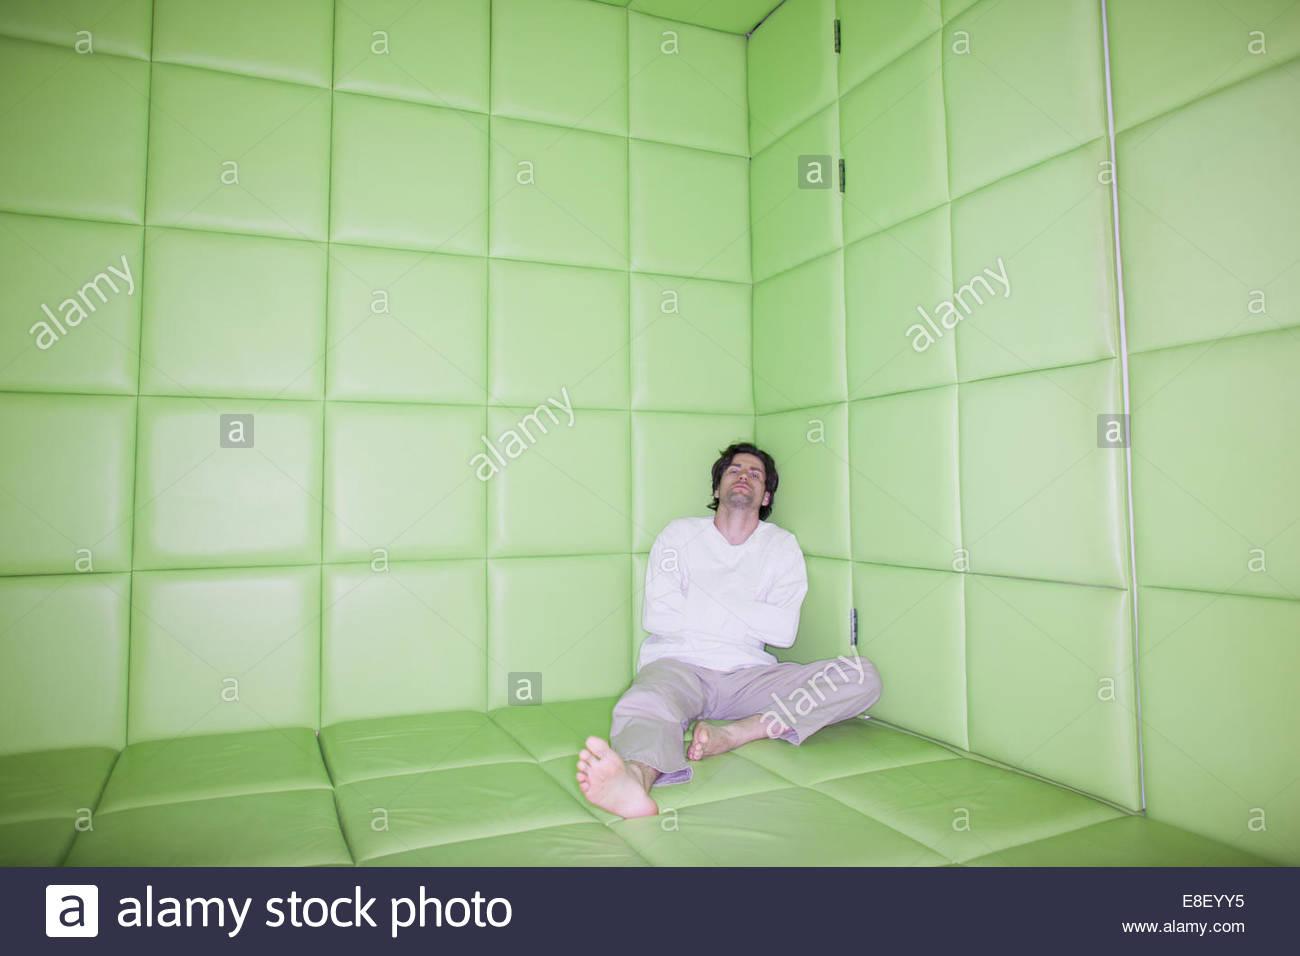 Hombre sentado con las piernas en la habitación acolchada Imagen De Stock